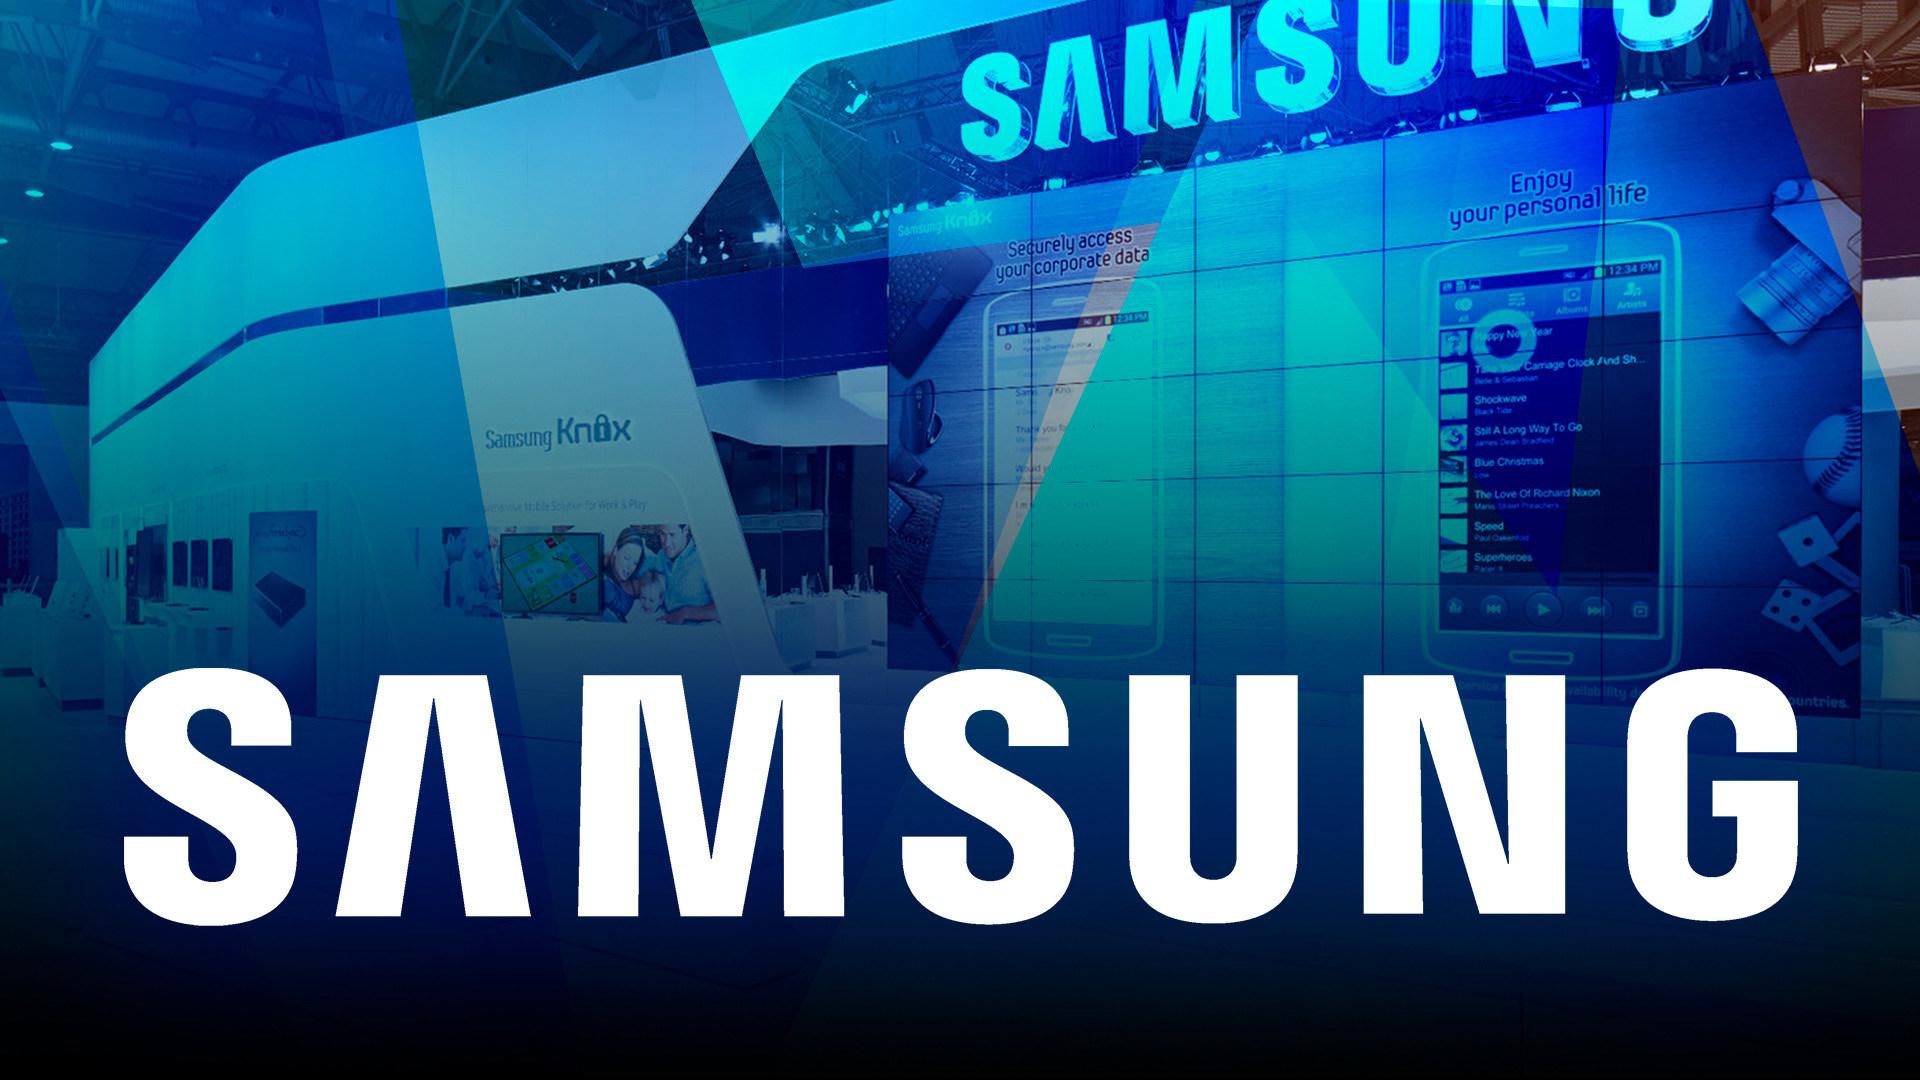 Samsung, Logo, Galaxy, Launch, Ceo, Event, Keynote, Vorstellung, Samsung Mobile, Präsentation, Livestream, Samsung Electronics, Einladung, Unpacked, Neuvorstellung, Samsung Unpacked, Veranstaltung, Events, Samsung Display, Neuheiten, Bühne, Produktneuheit, Redner, Event-Einladung